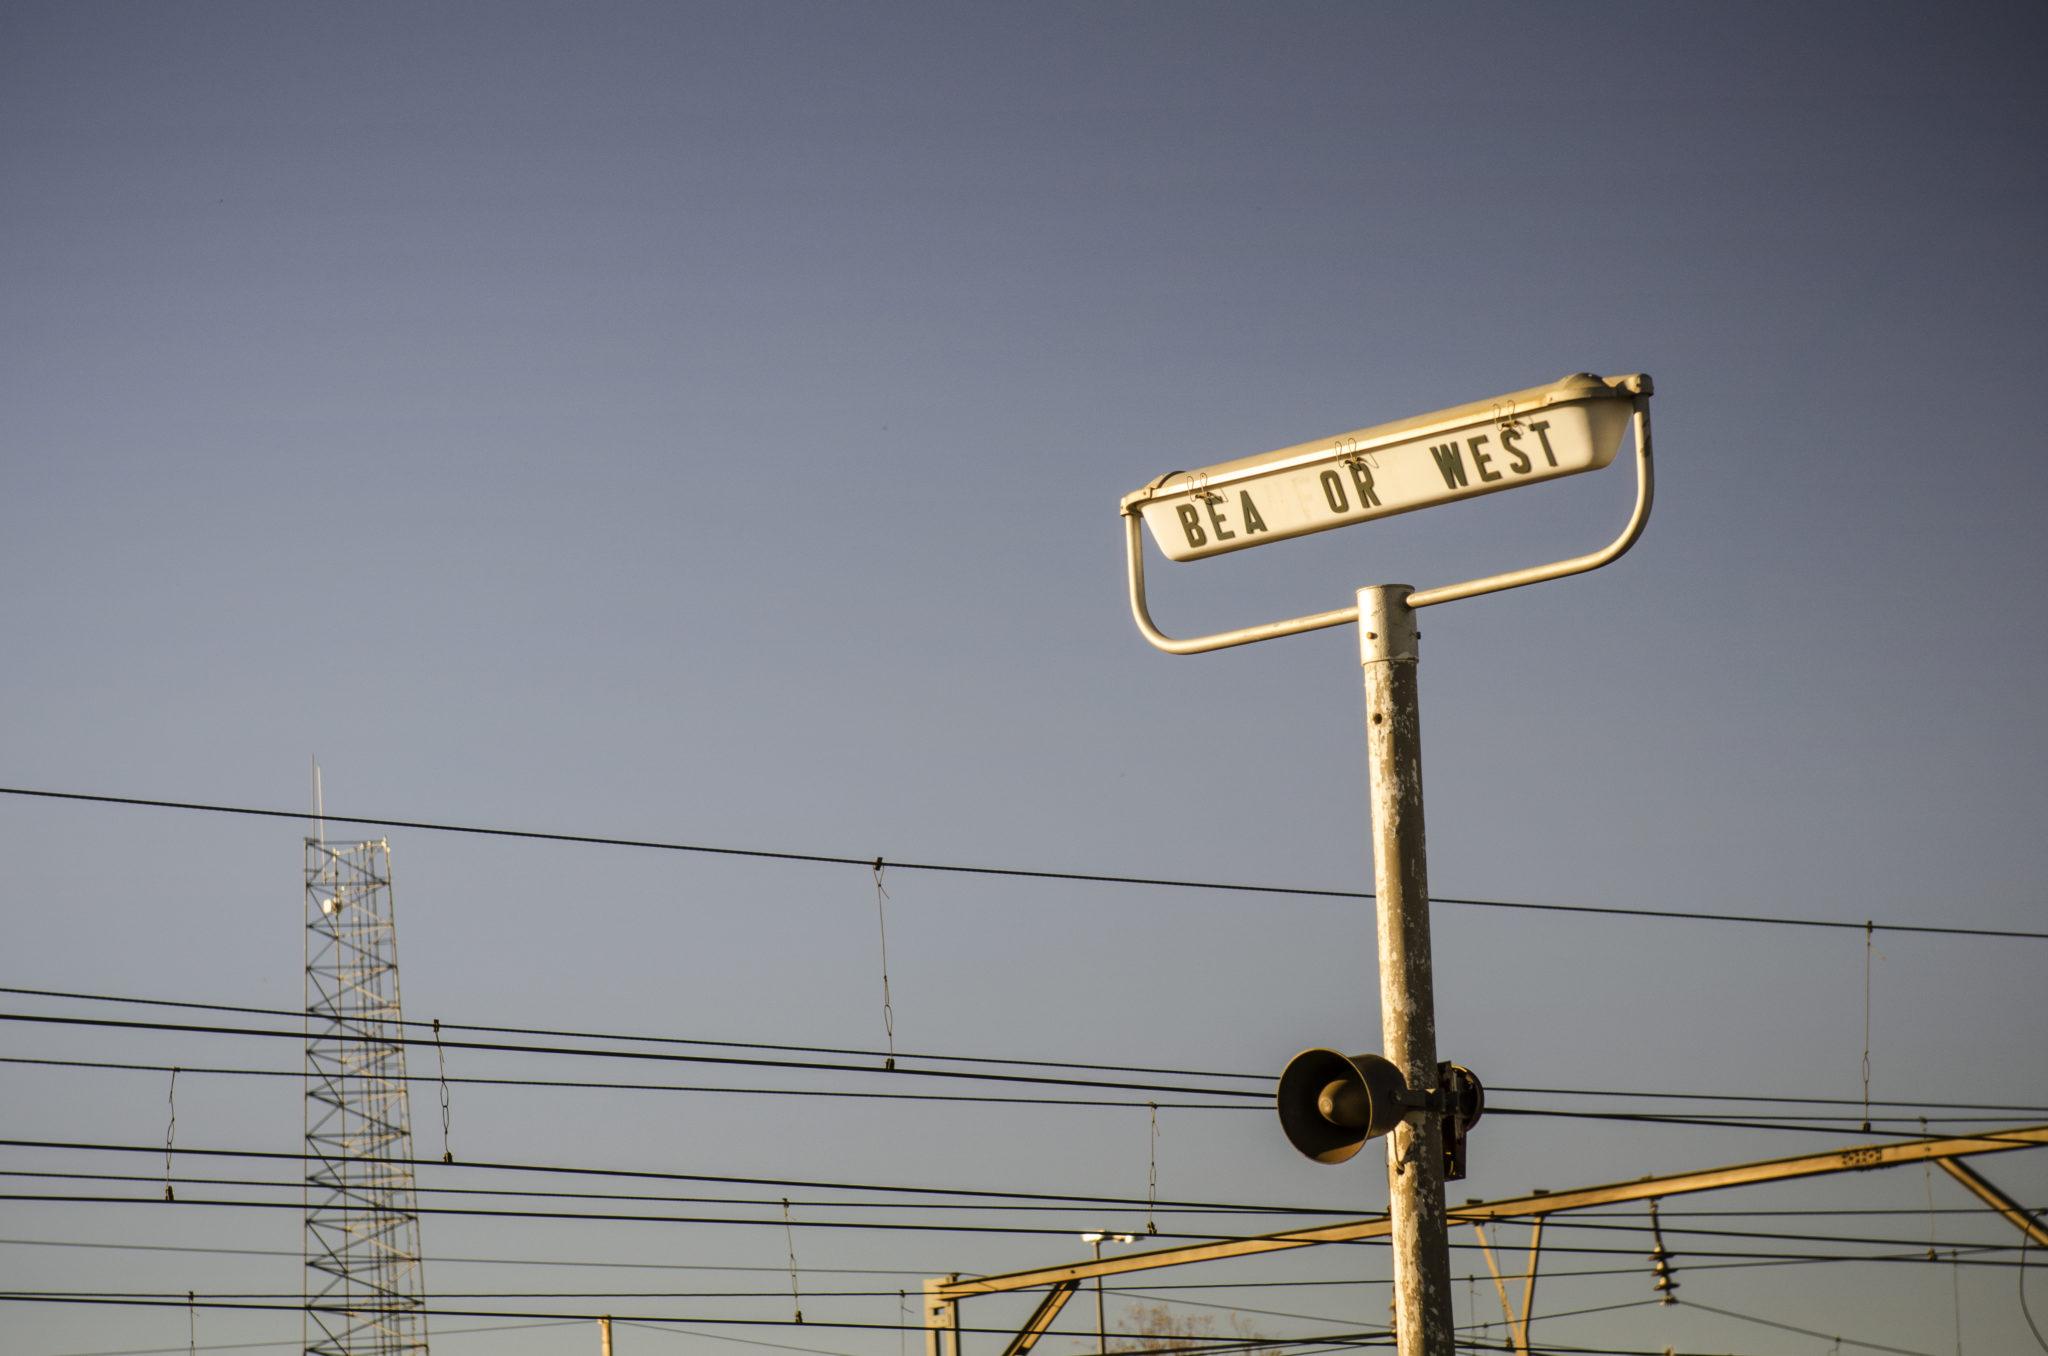 Mit dem Zug durch das Land fahren ist einer der besten Südafrika Reisetipps